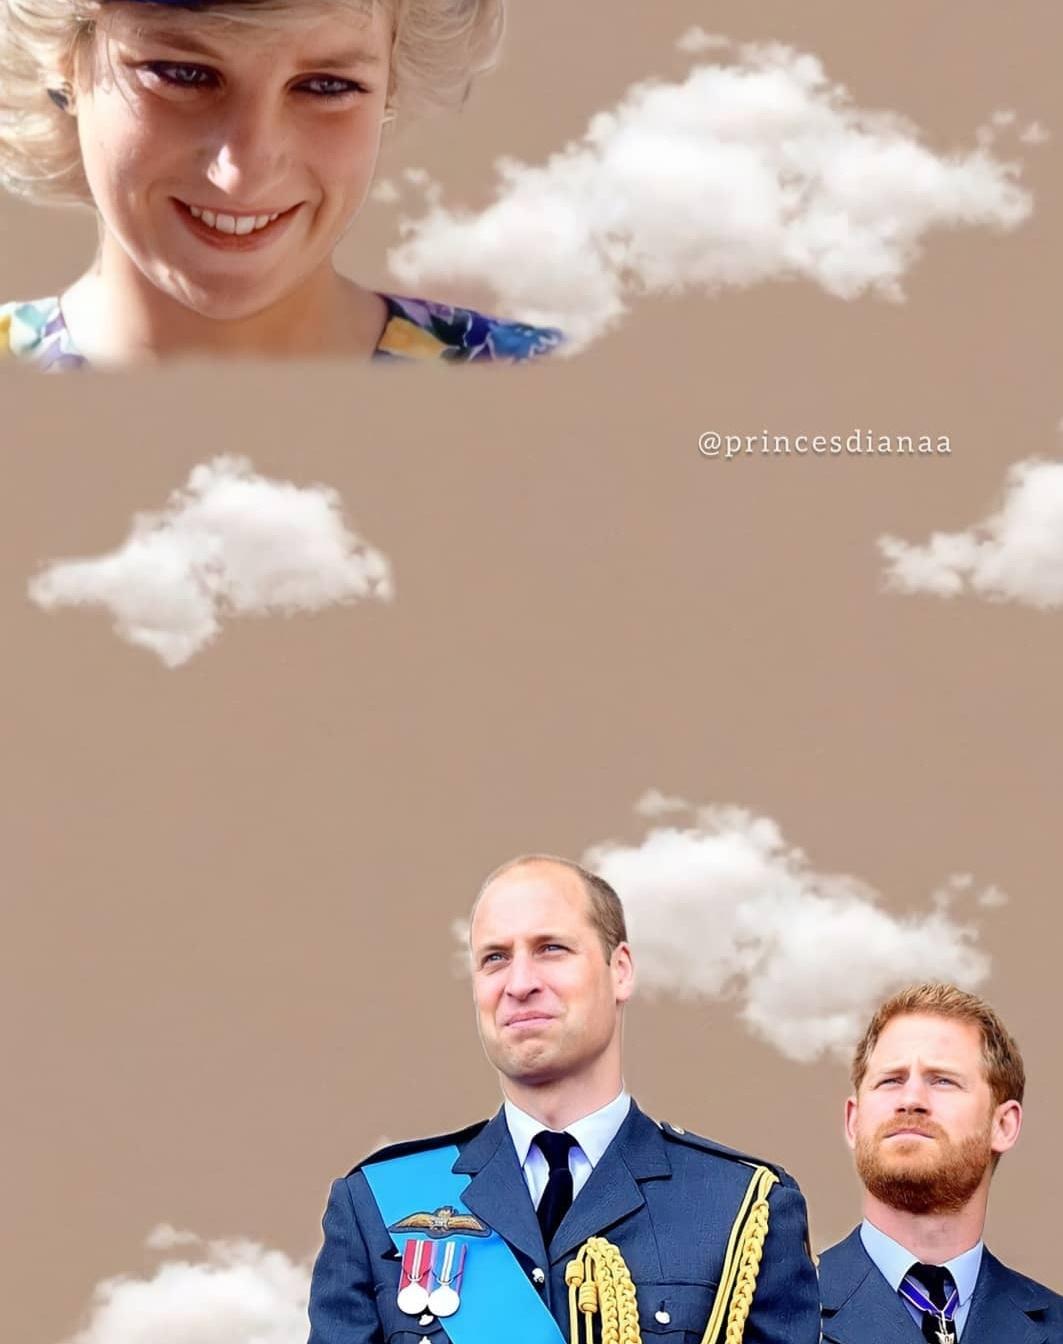 ويليام وهاري ومن أعلى ديانا- الصورة من حساب الأميرة ديانا على إنستغرام